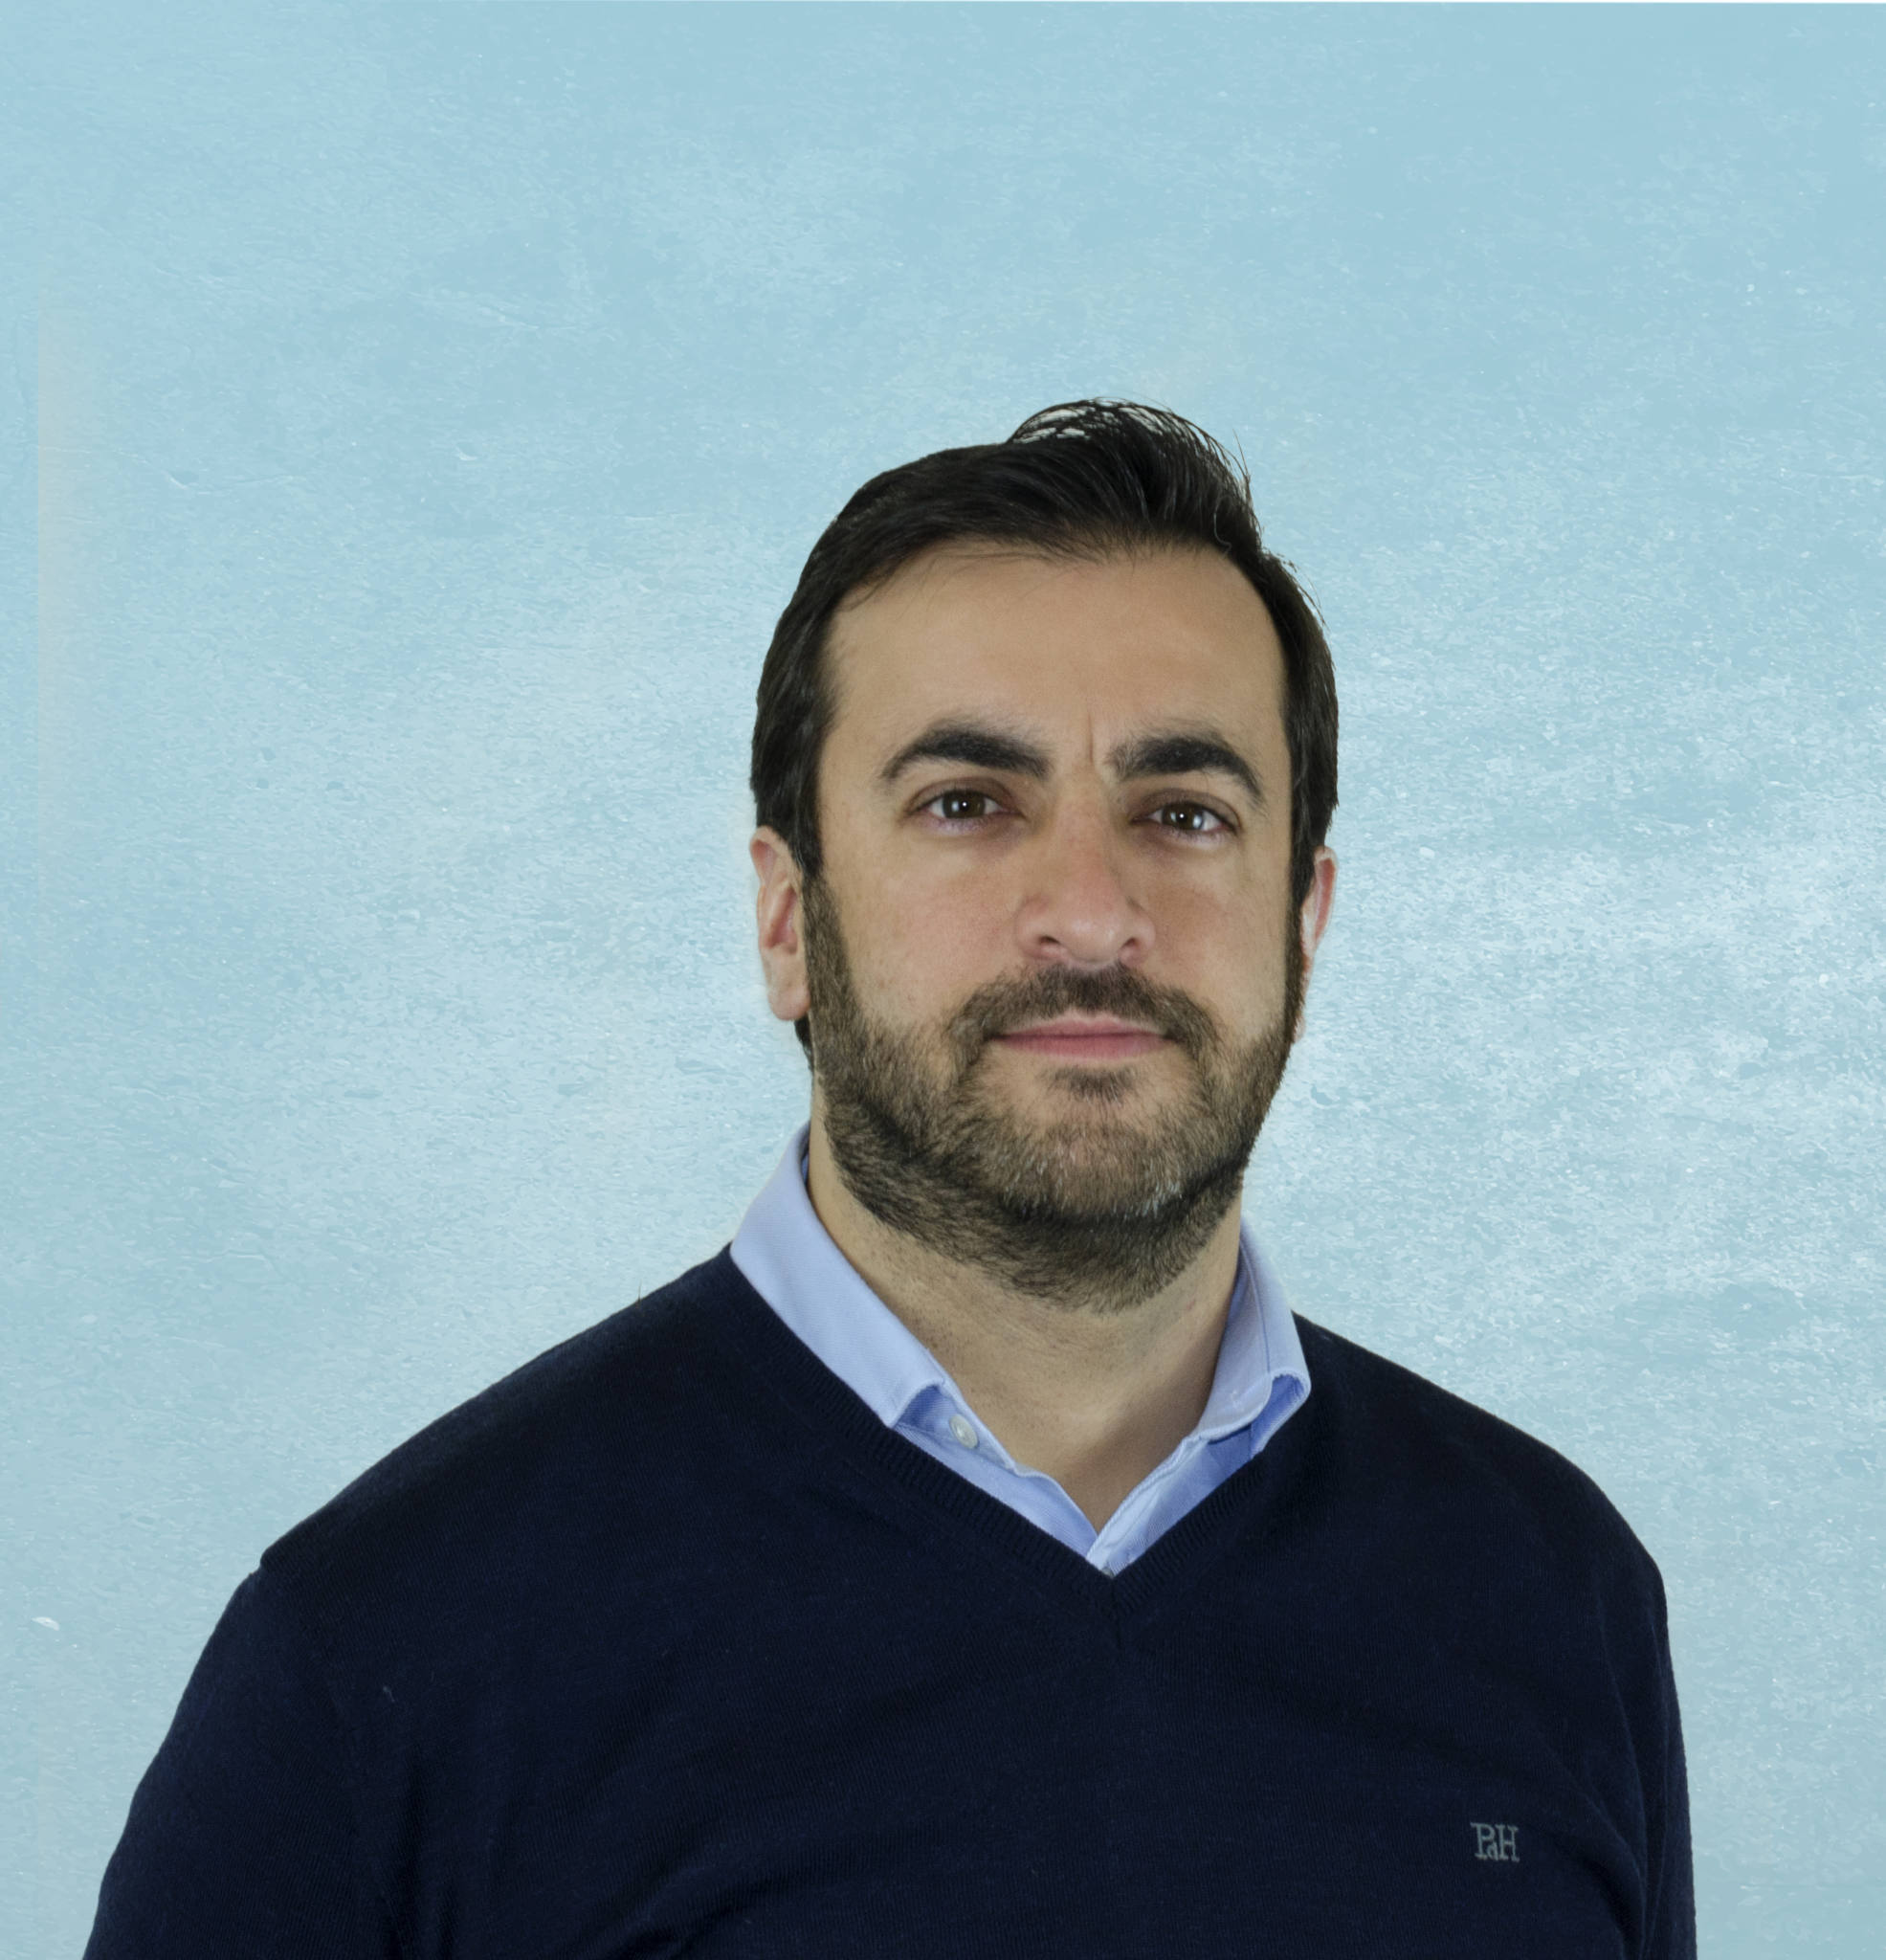 Raúl Guanche García